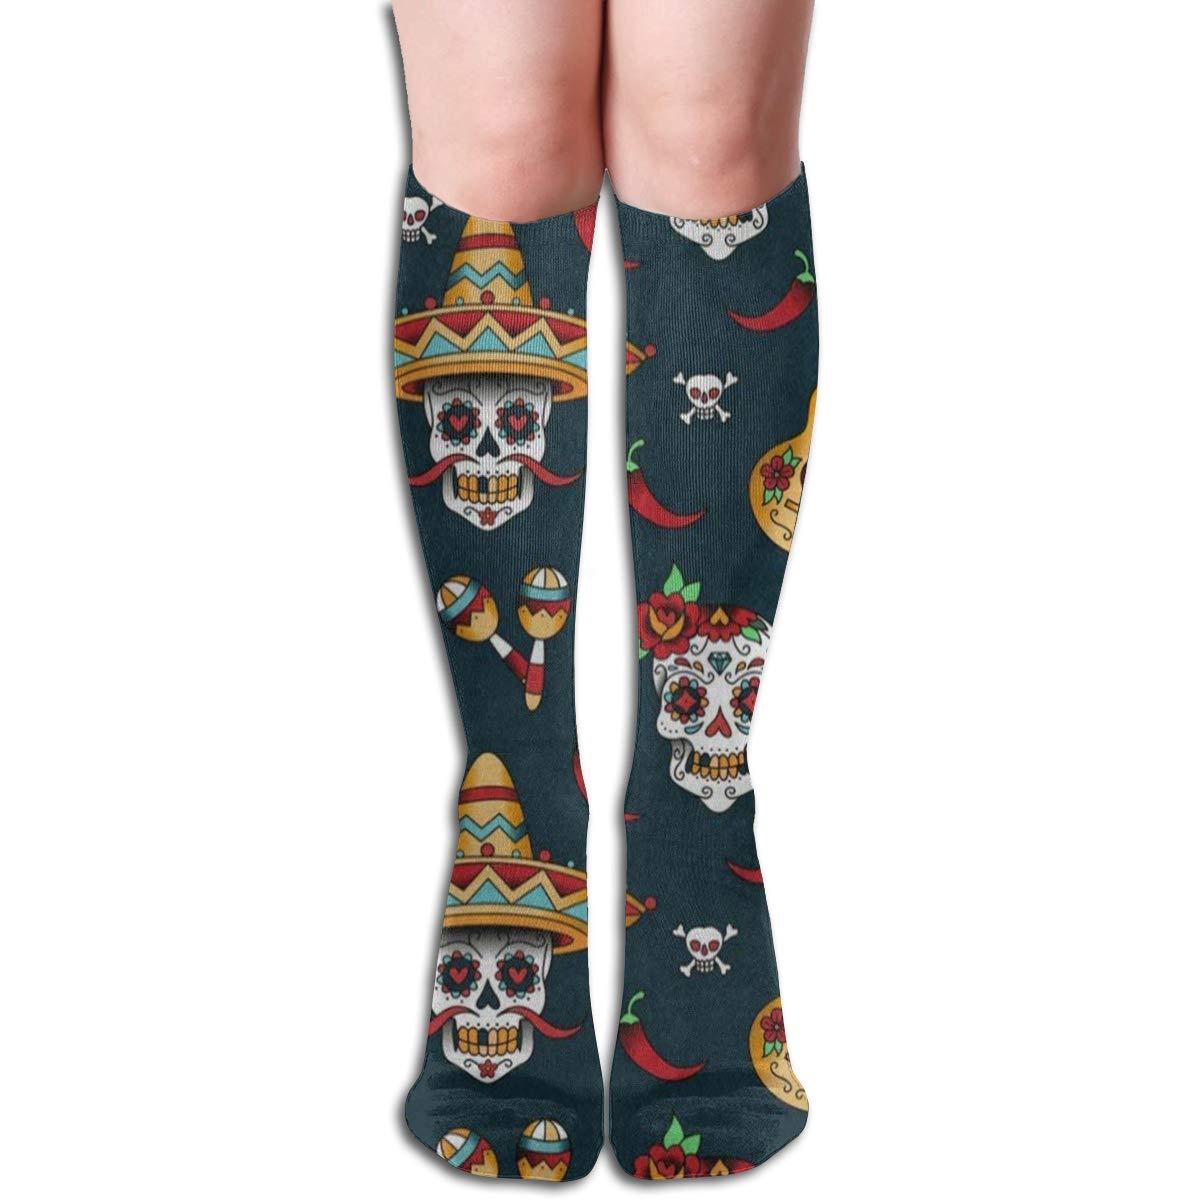 Girls Socks Over Knee Modern City Watercolor Winter Fabulous For Thanksgiving Day